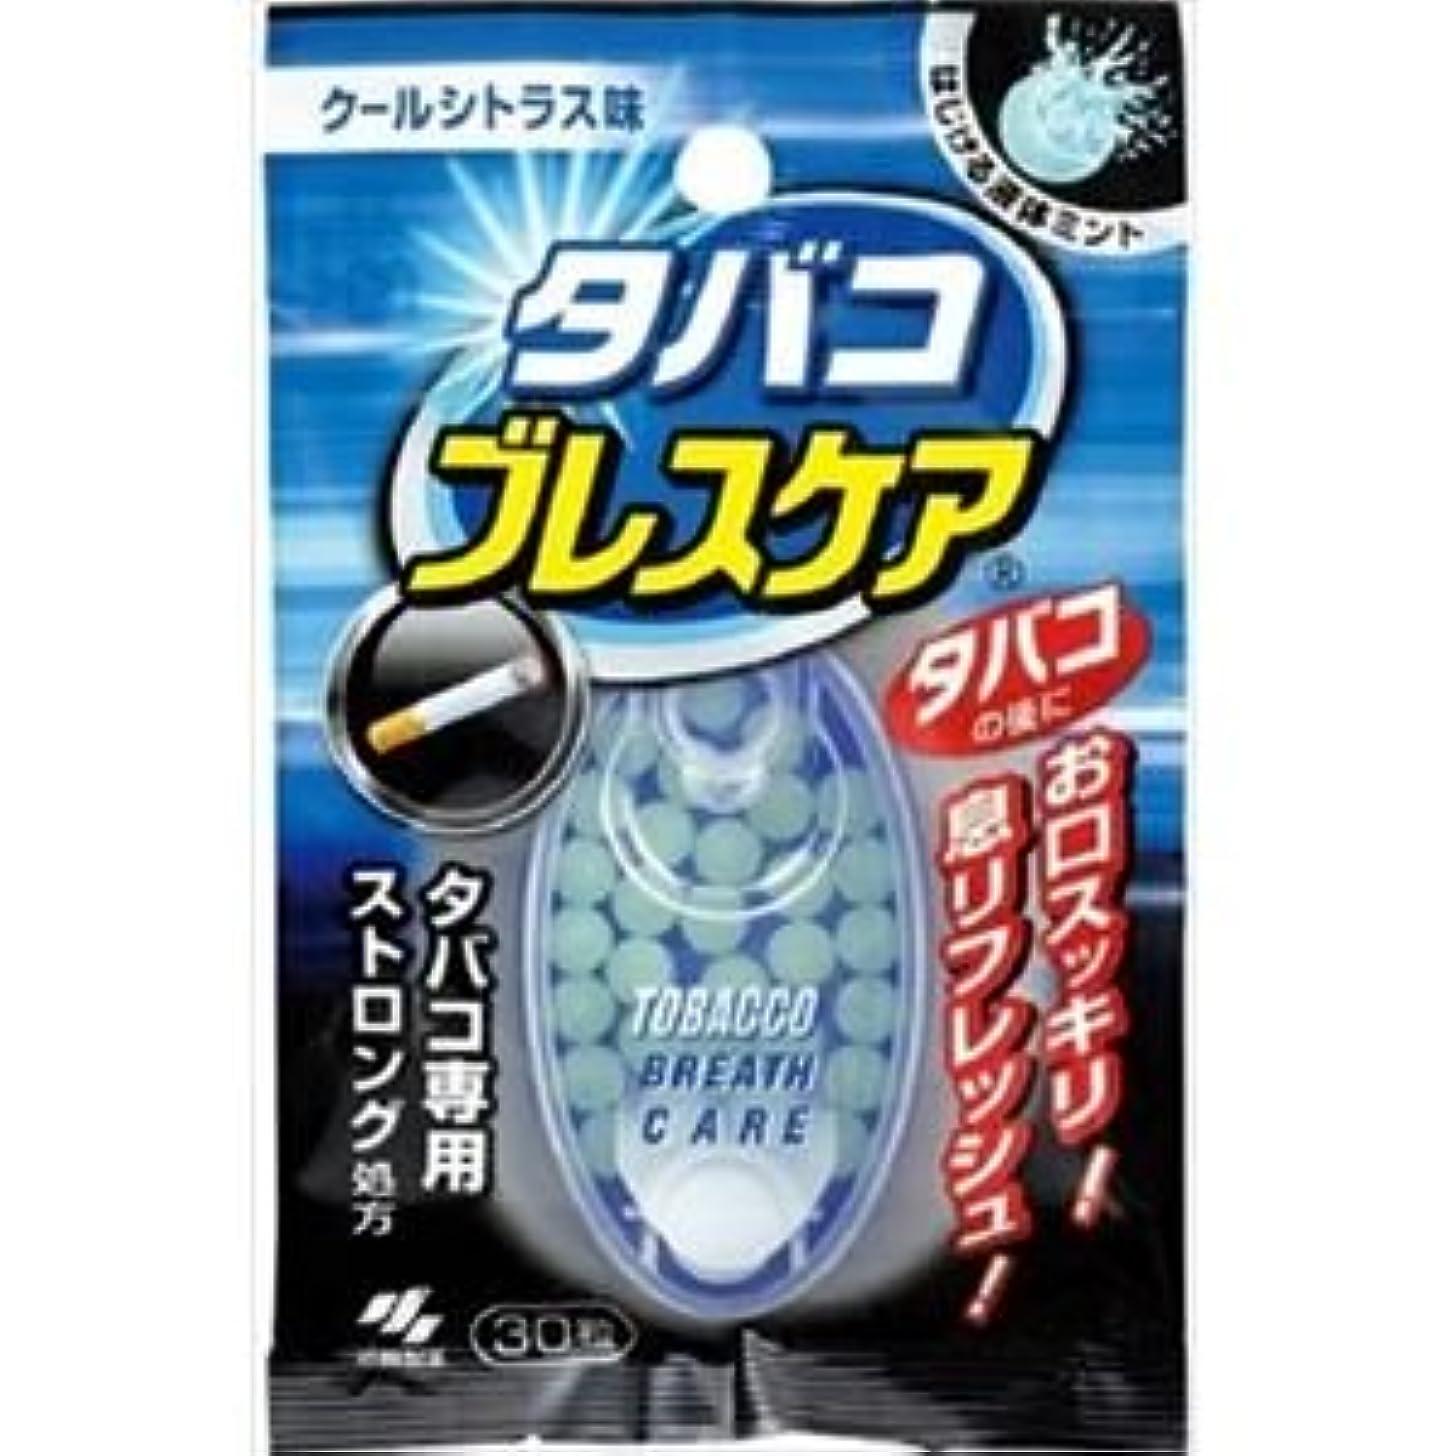 交差点パン屋ファセット(まとめ)小林製薬 タバコブレスケア 30粒 【×6点セット】